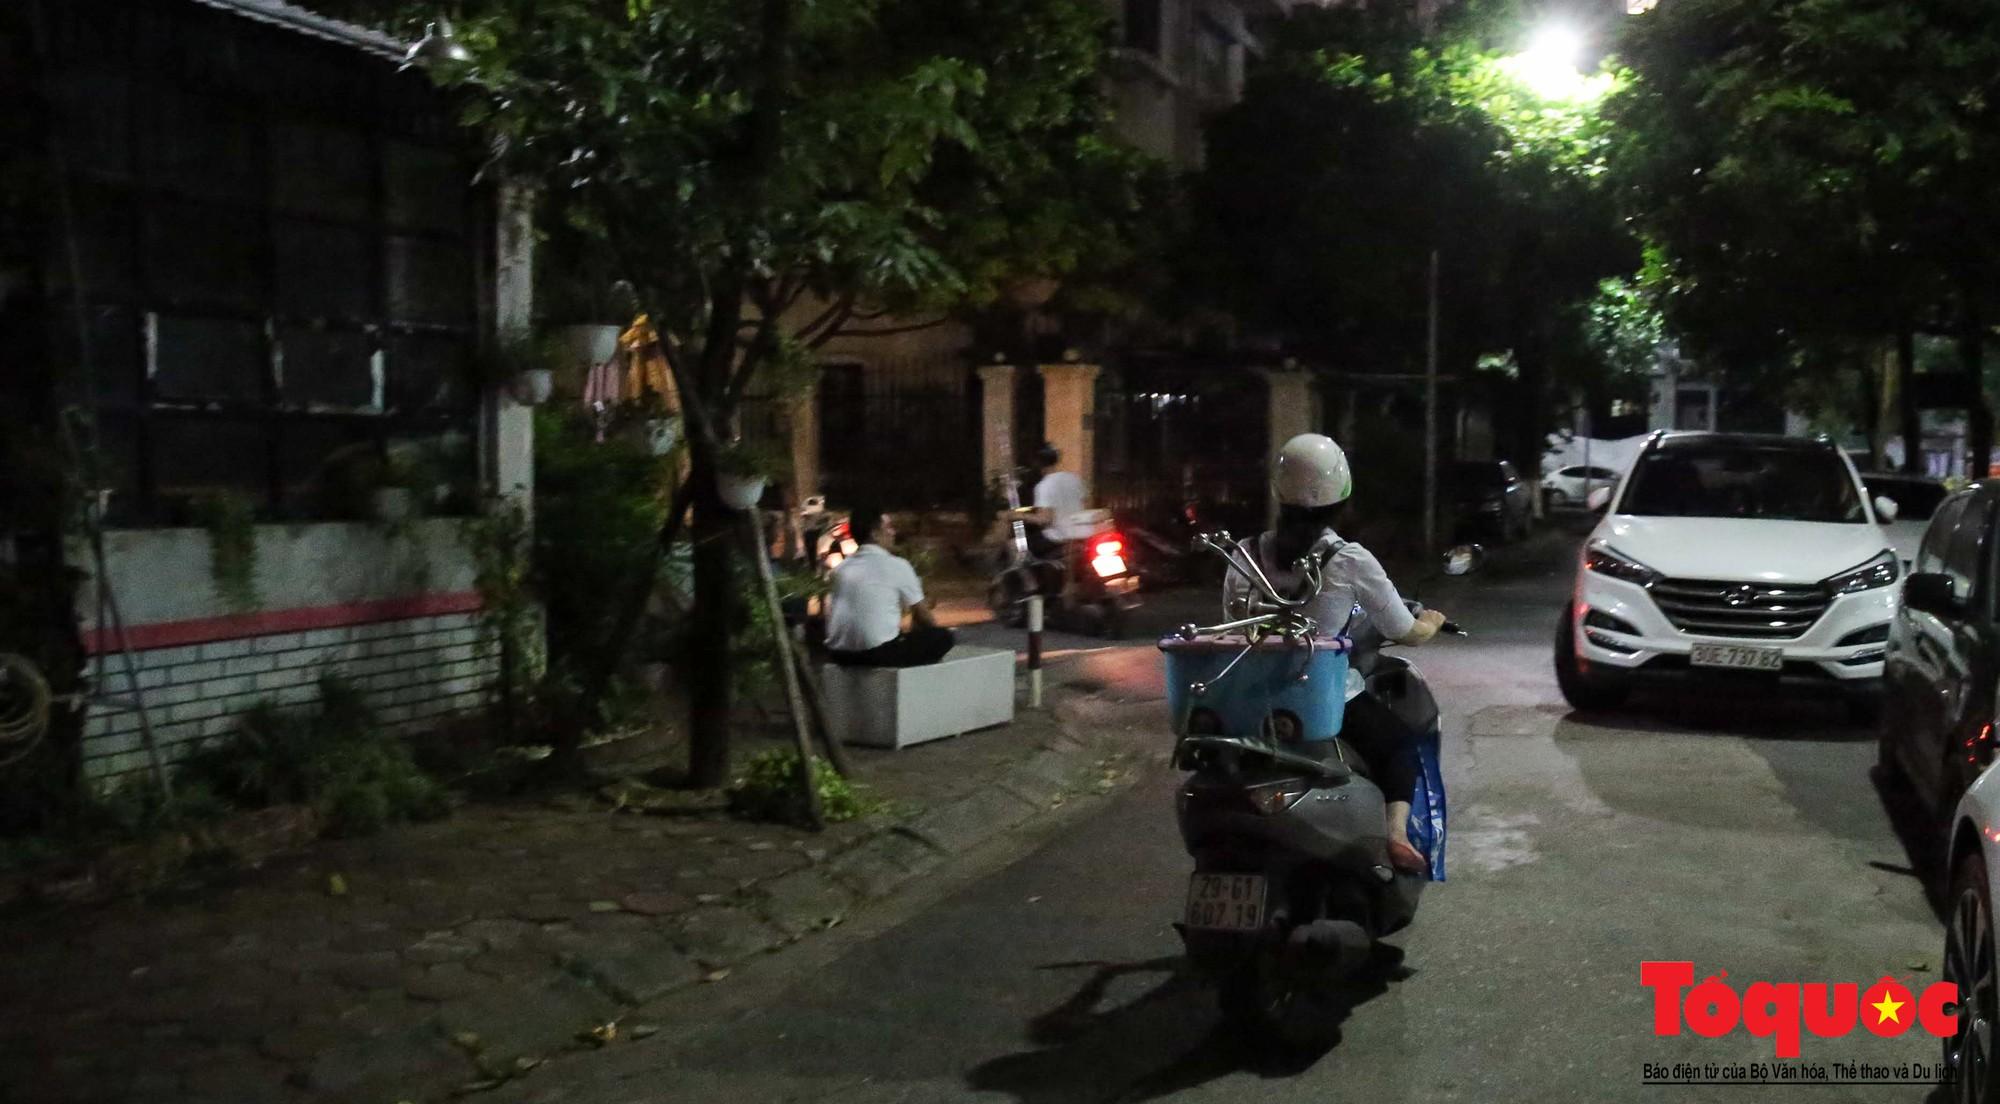 Cám cảnh có nhà mà không thể ở của người dân Hạ Định sau vụ cháy kho Rạng Đông (15)